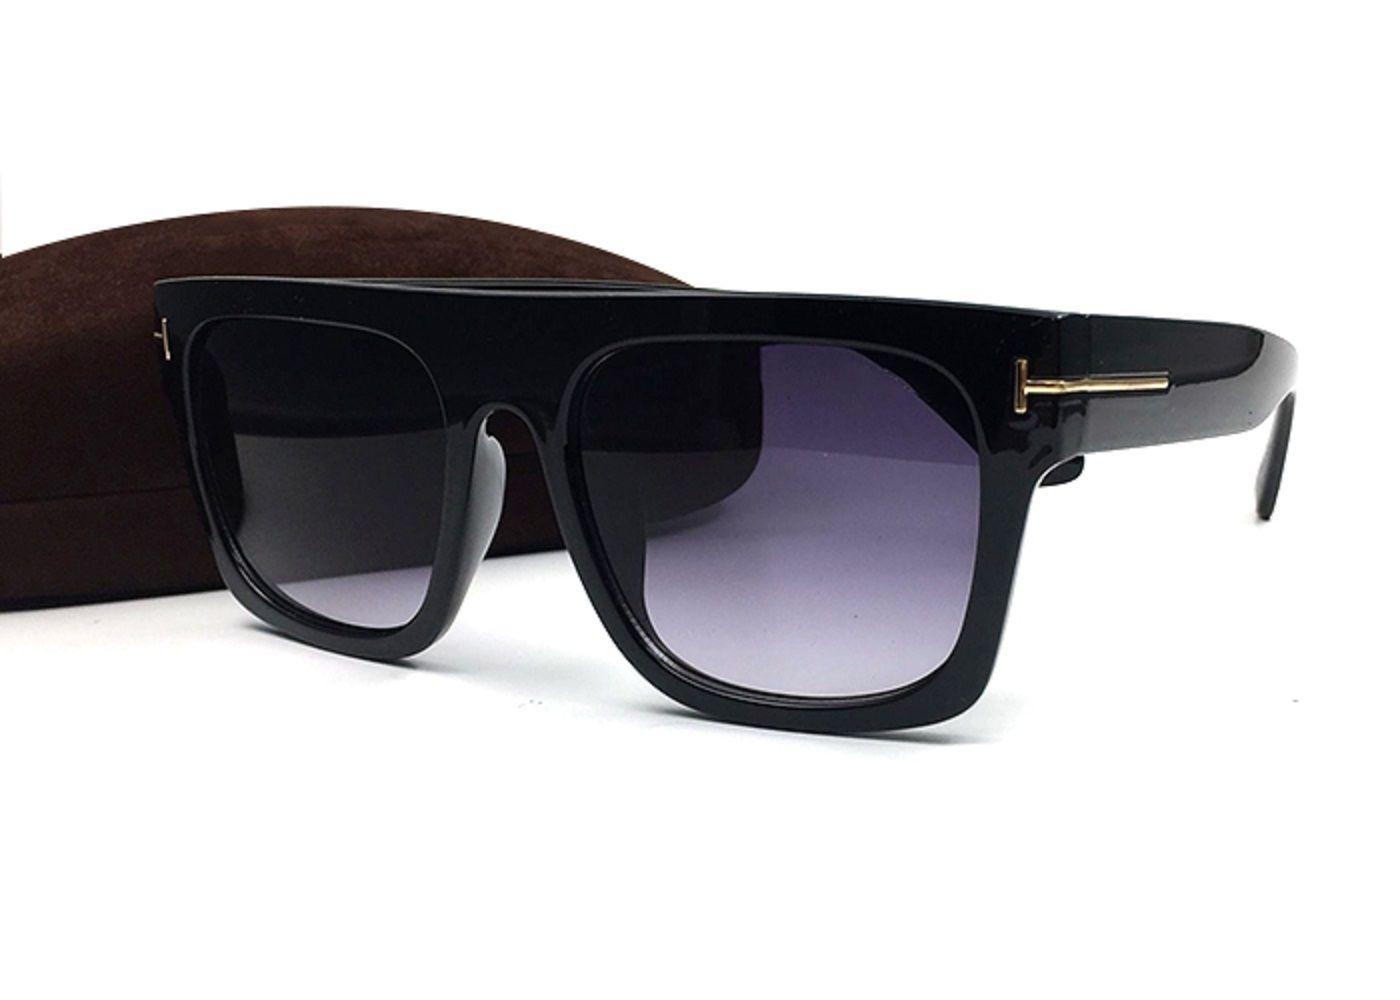 جديد مربع الترفيه شخصية نظارات للرجل امرأة نظارات مربعة واضح عدسة الأزياء في الهواء الطلق uv400 النظارات الشمسية عالية الجودة مع مربع